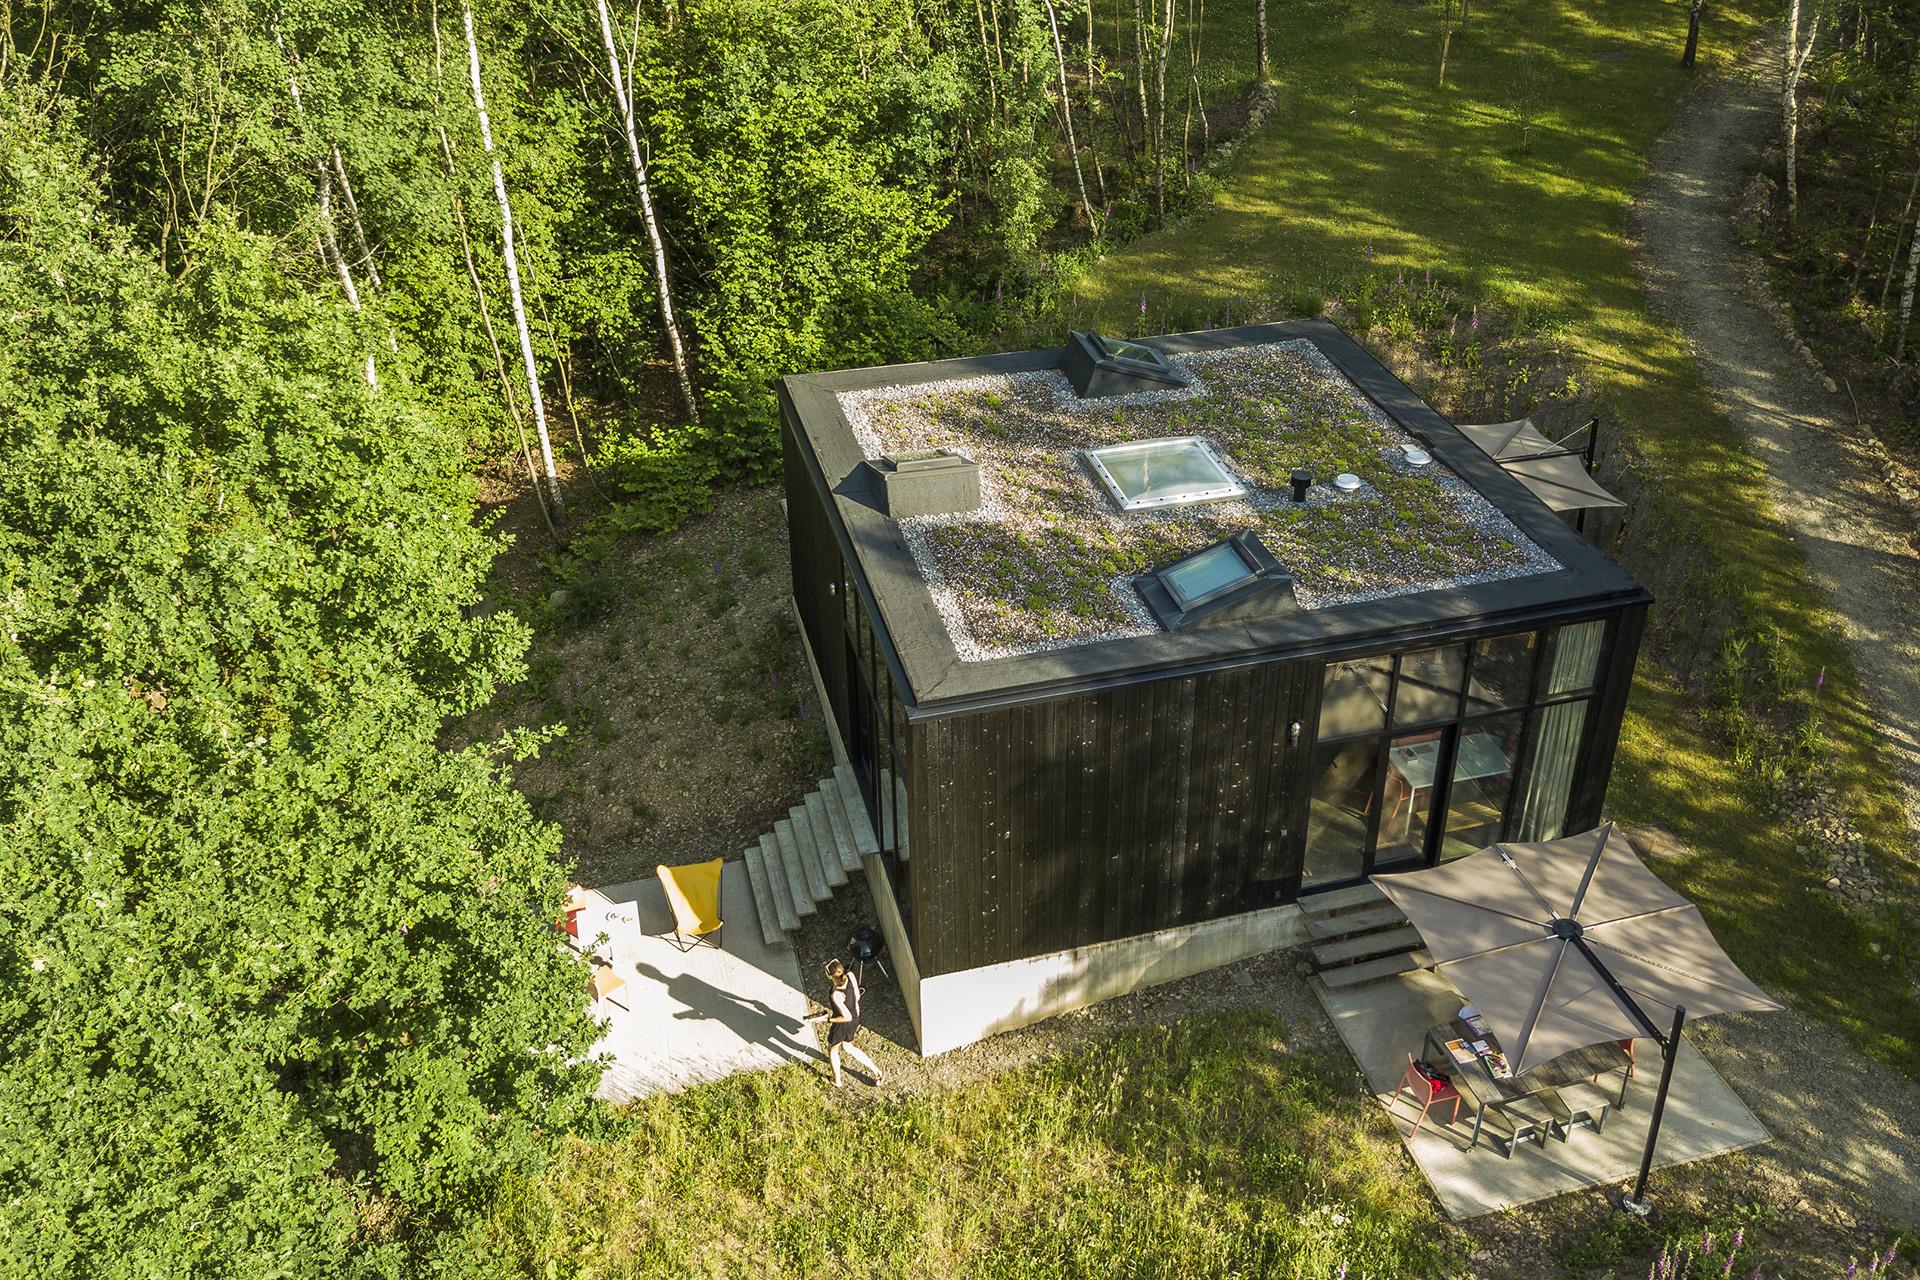 le bois br l lierneux meubl de tourisme jusqu 39 8 personnes province de li ge. Black Bedroom Furniture Sets. Home Design Ideas